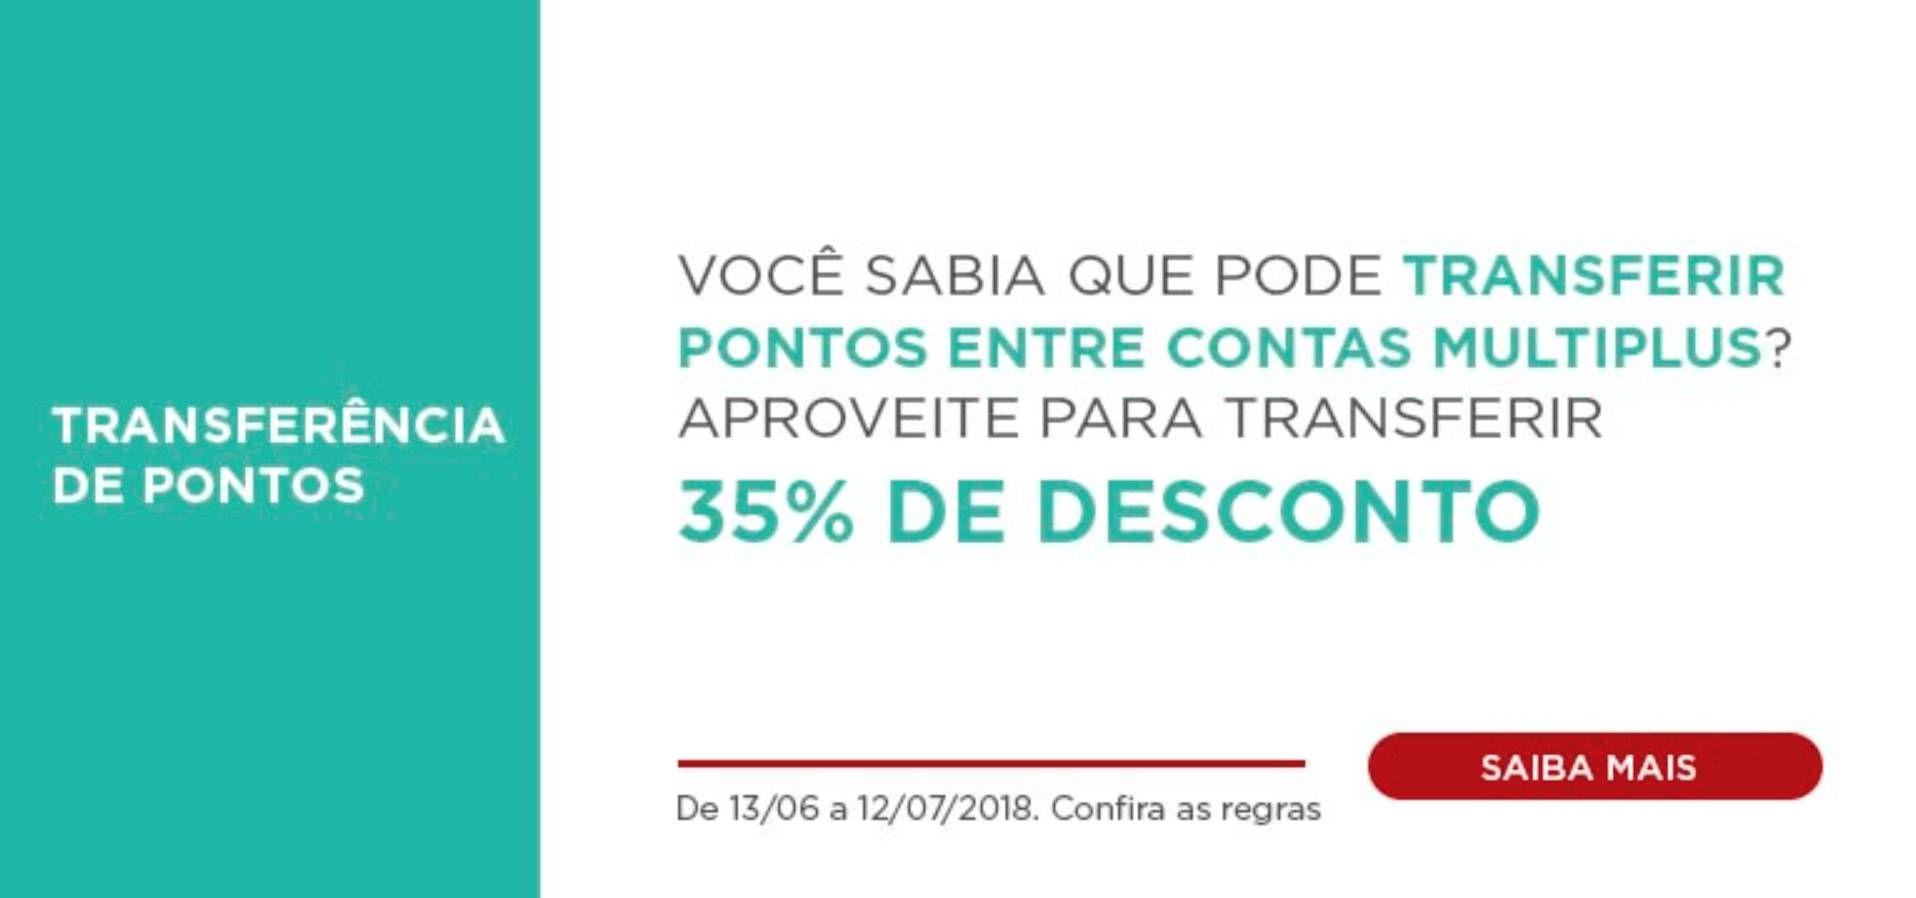 Multiplus oferece 35% desconto na transferência de pontos entre contas